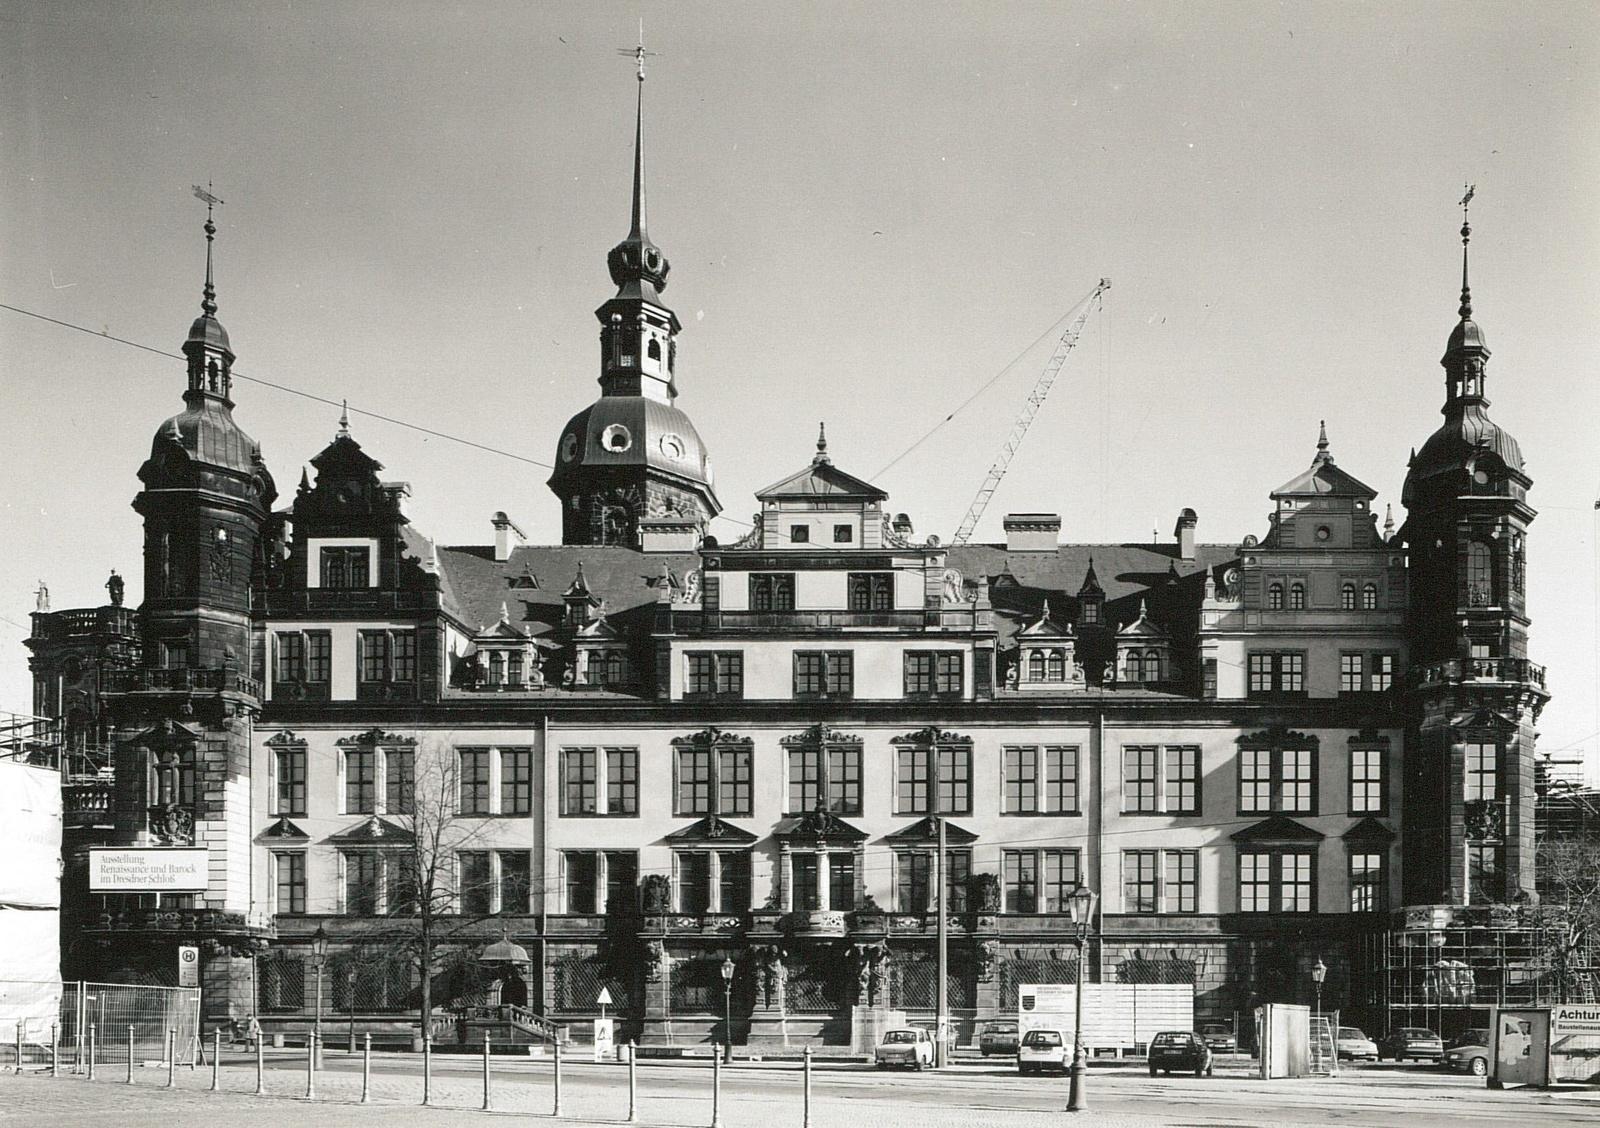 Der Westflügel nach dem Wiederaufbau, 1994